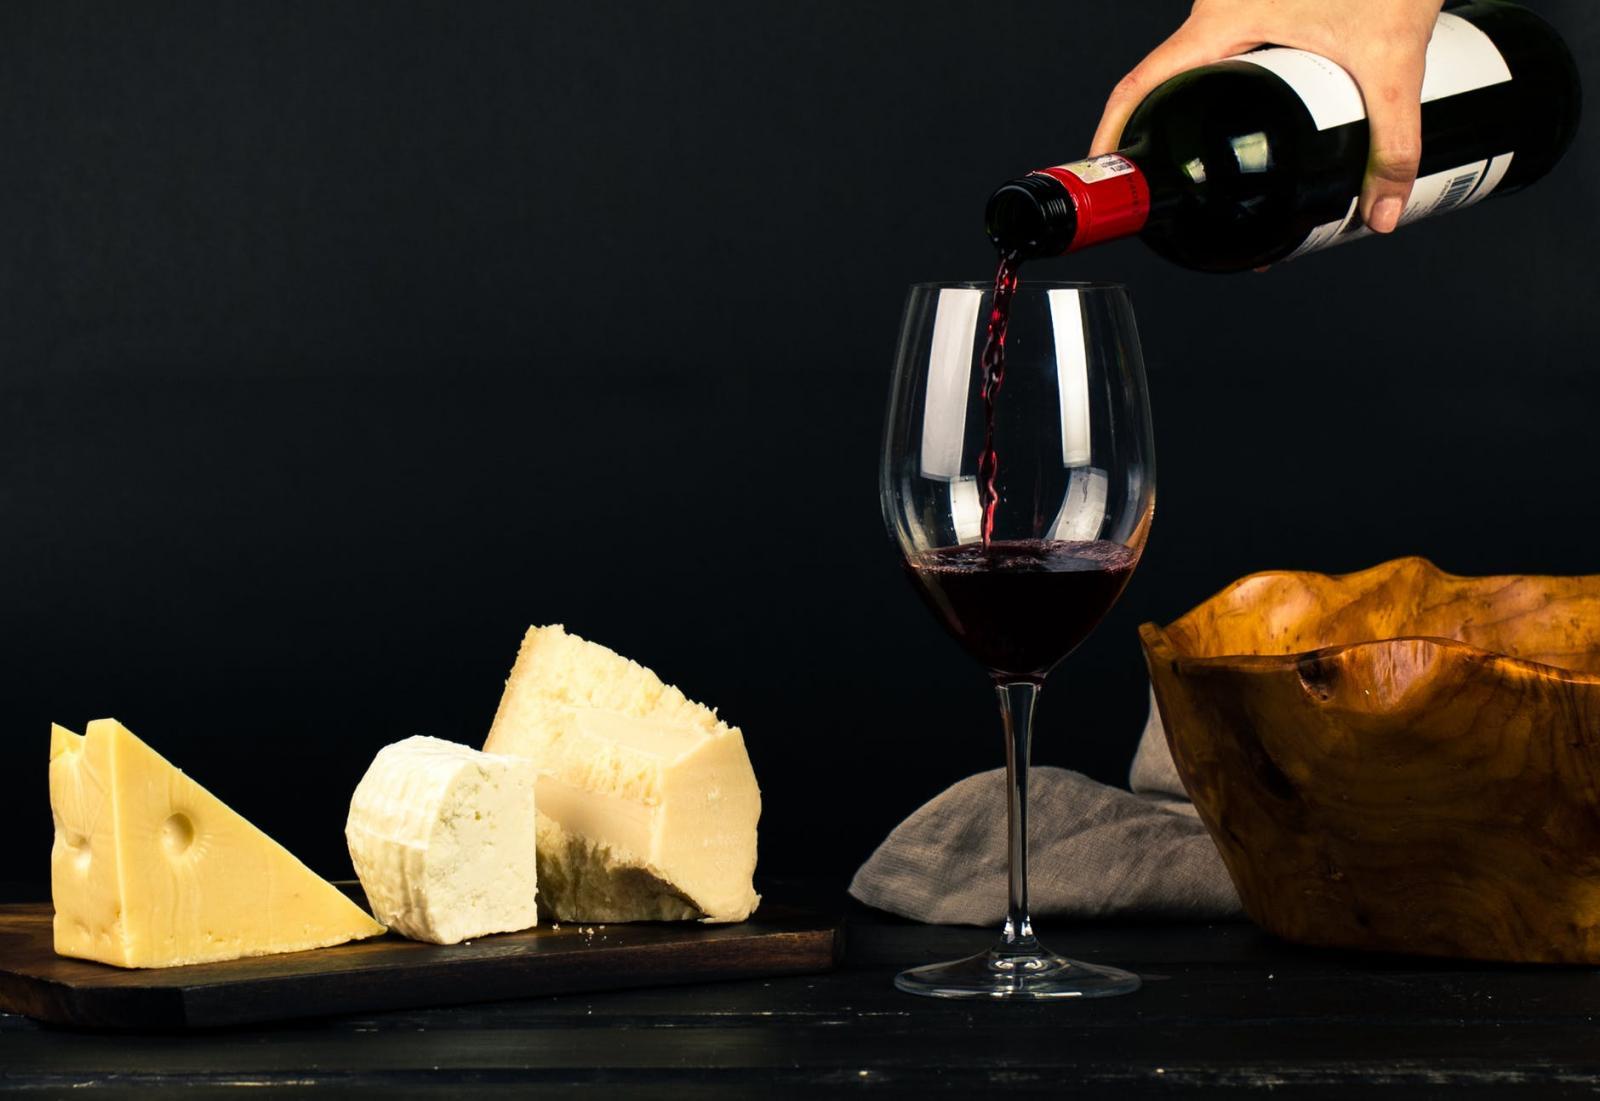 Raspberry Wine: Unexpectedly Delicious